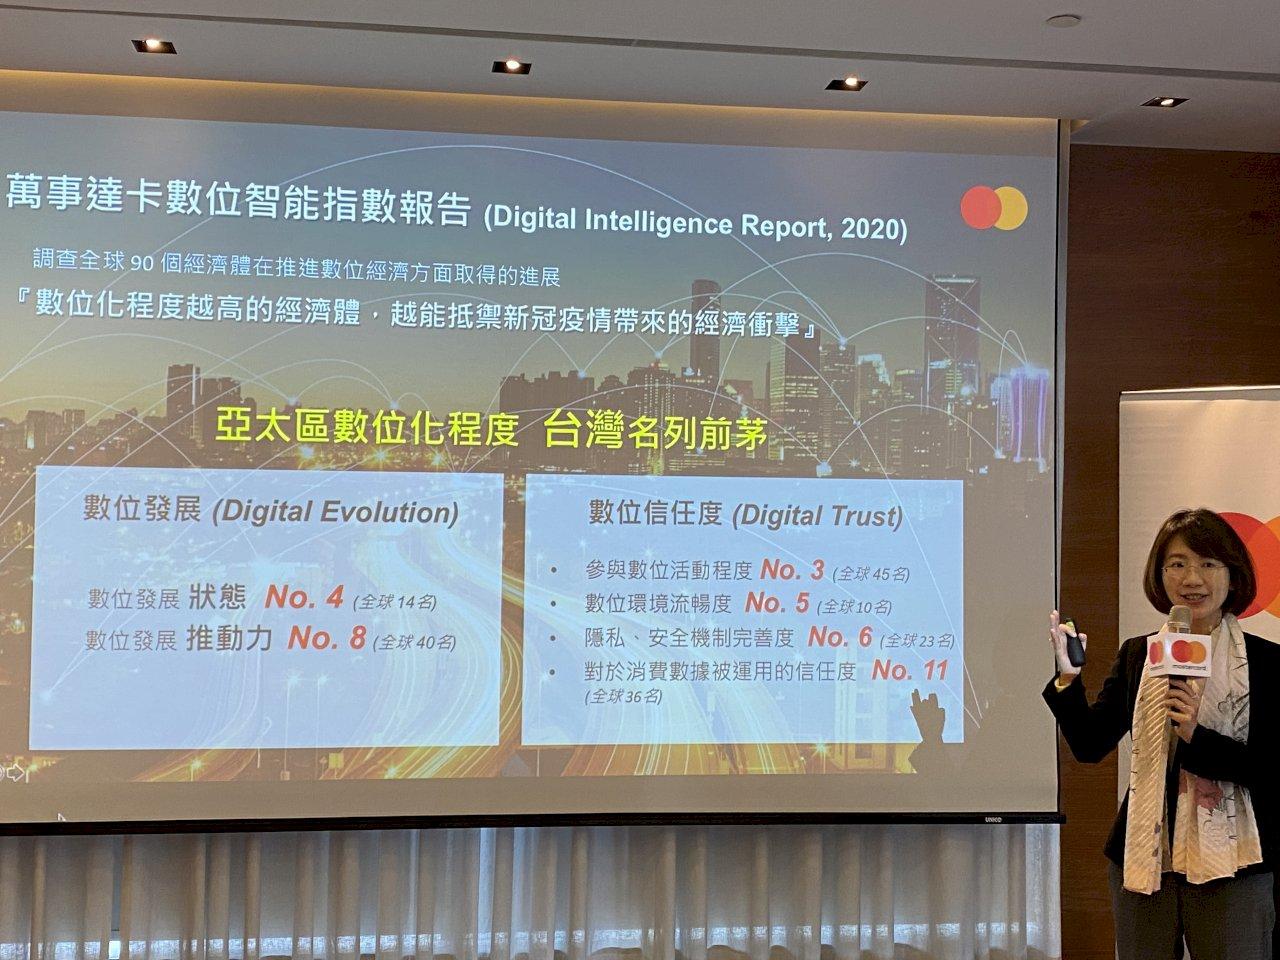 叫我第一名!調查:台灣靠高度數位化發展今年成功抵禦經濟衝擊